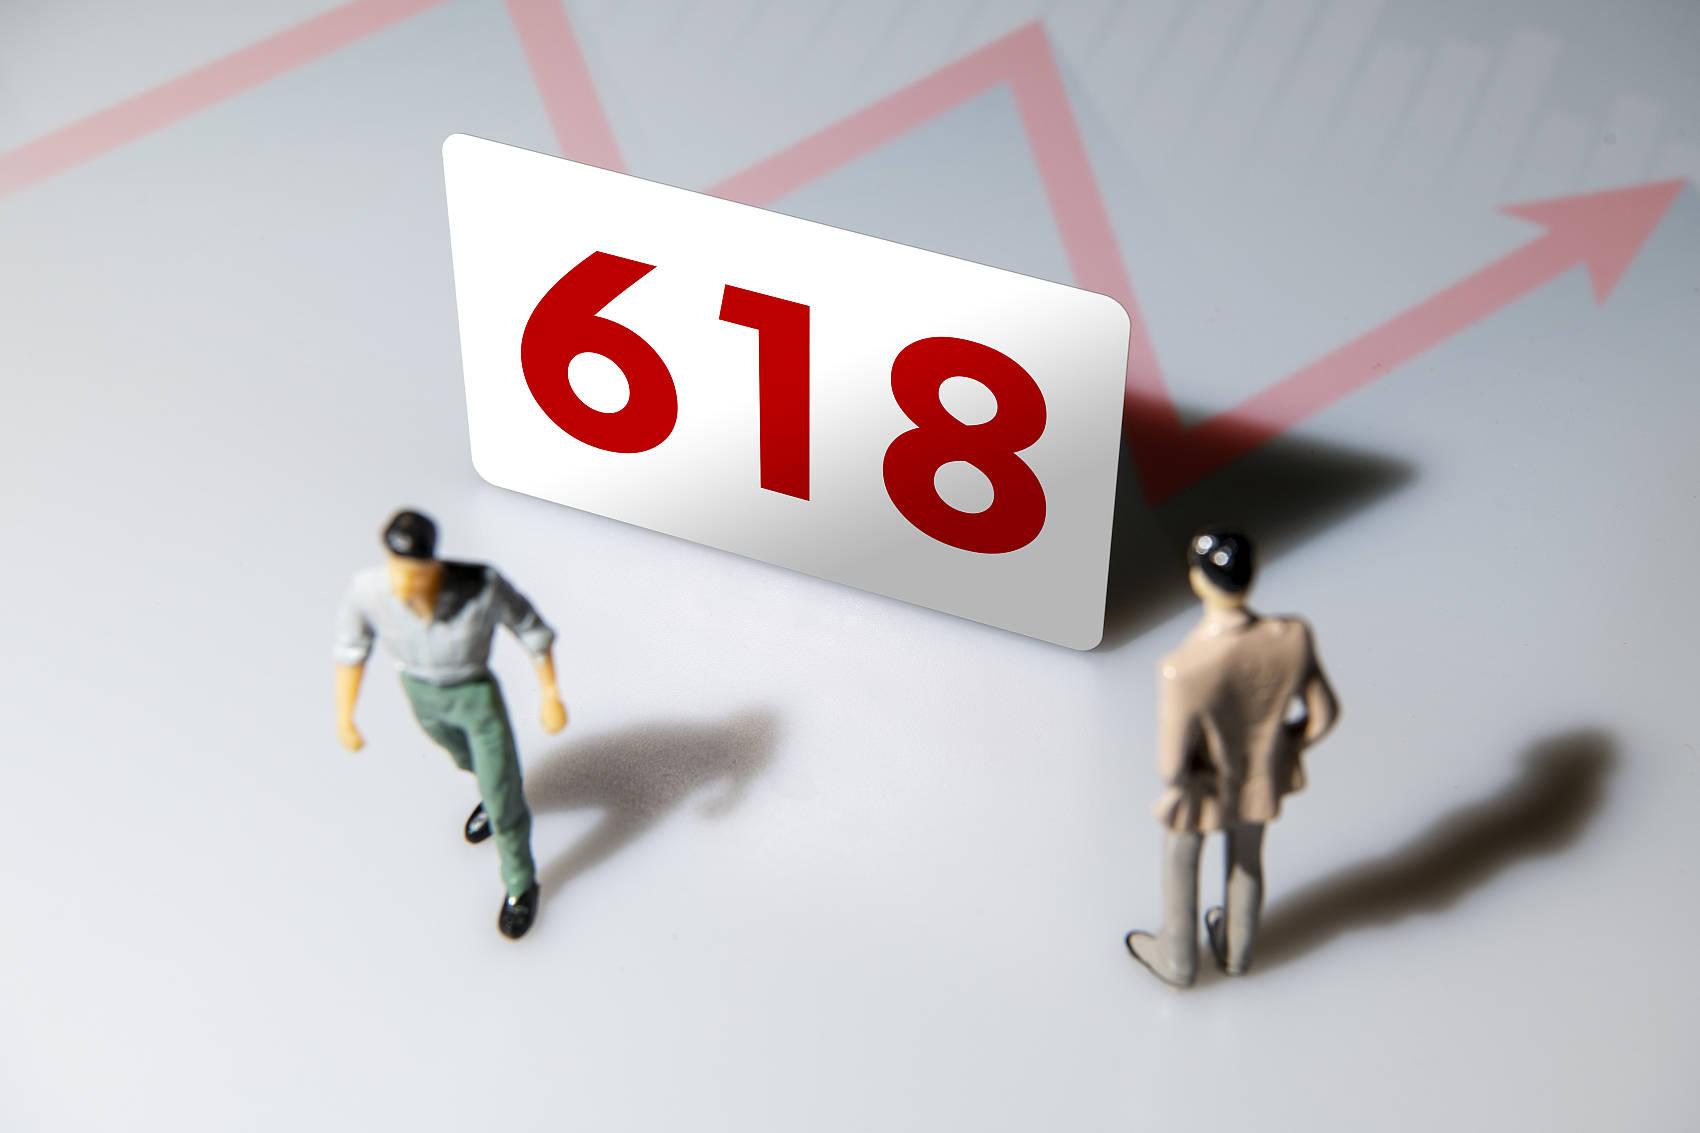 6·18没有狂欢:电商、卖家、消费者,谁疲了?